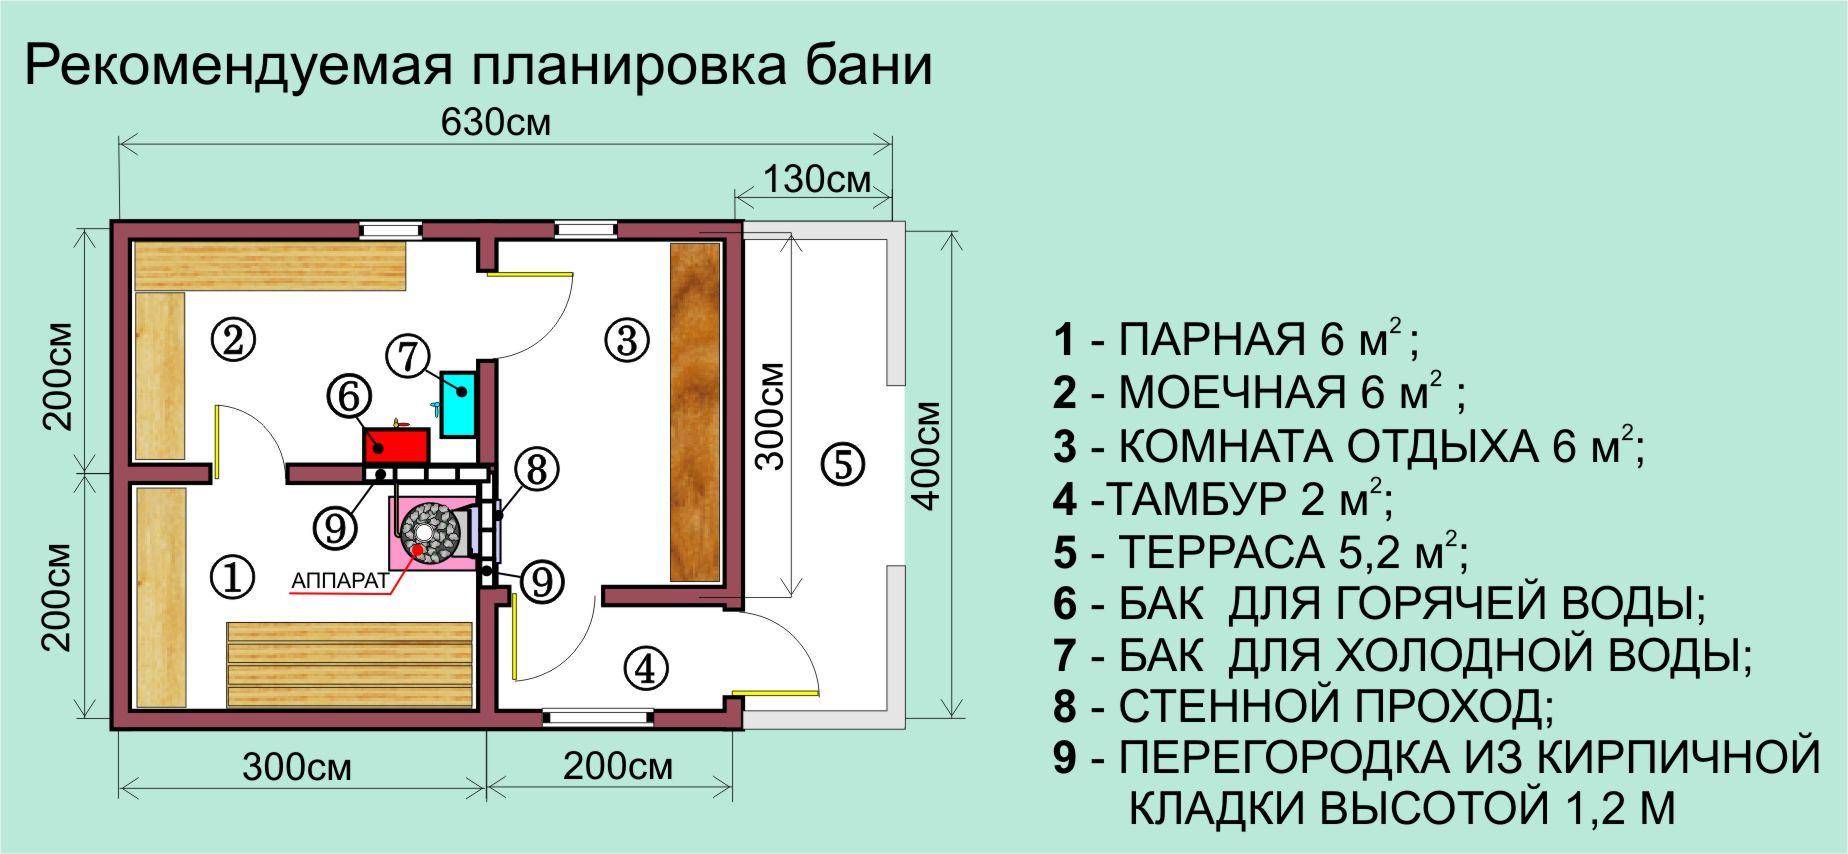 Строительство бани своими руками - Ремонт квартиры своими 3